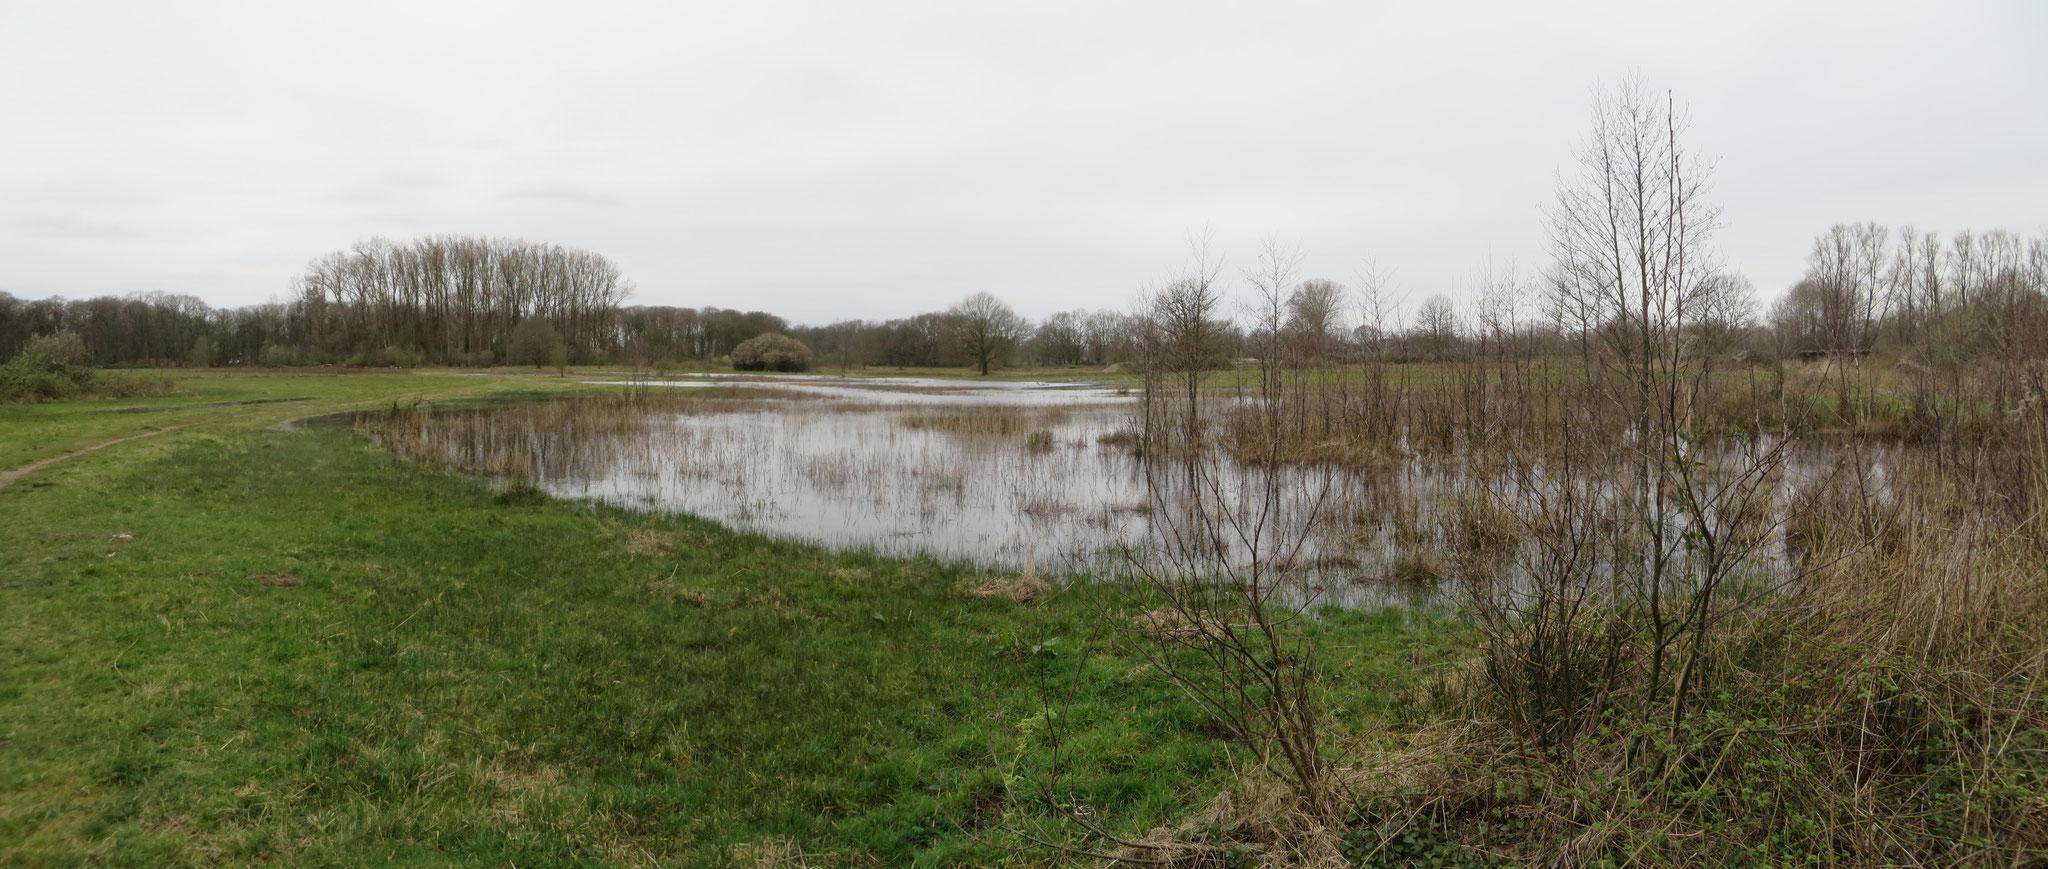 Op 20-3-2020 staat het water tot aan het wandelpad en vormt als het ware een grote plas.